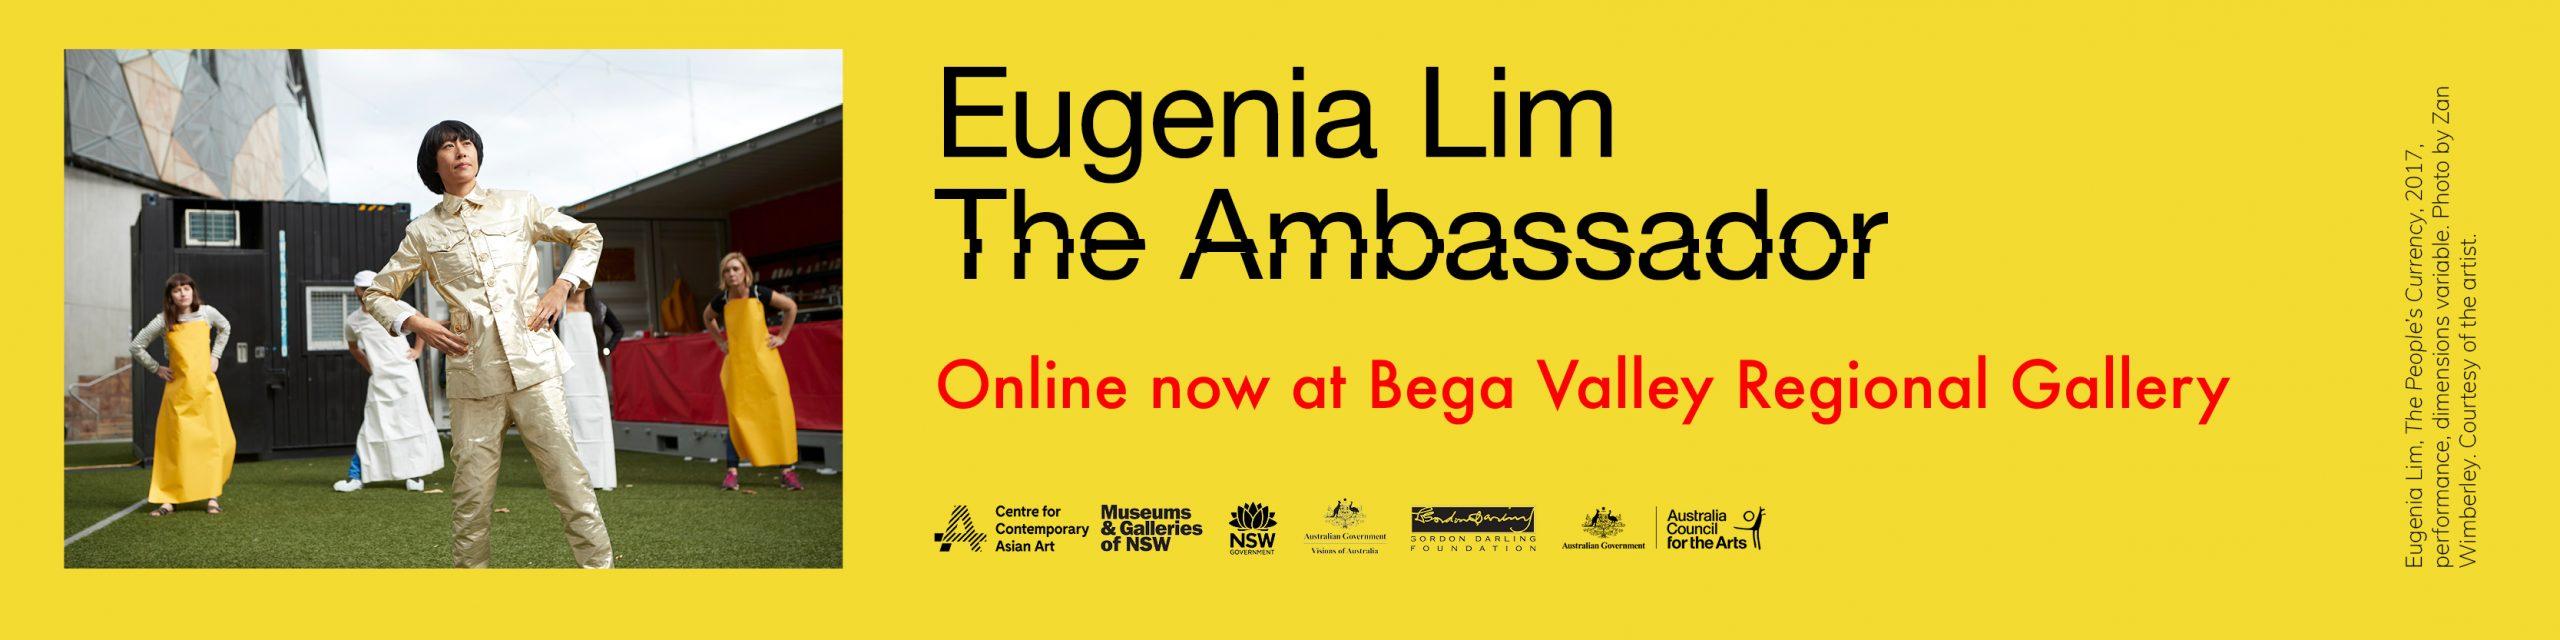 Eugenia Lim: The Ambassador